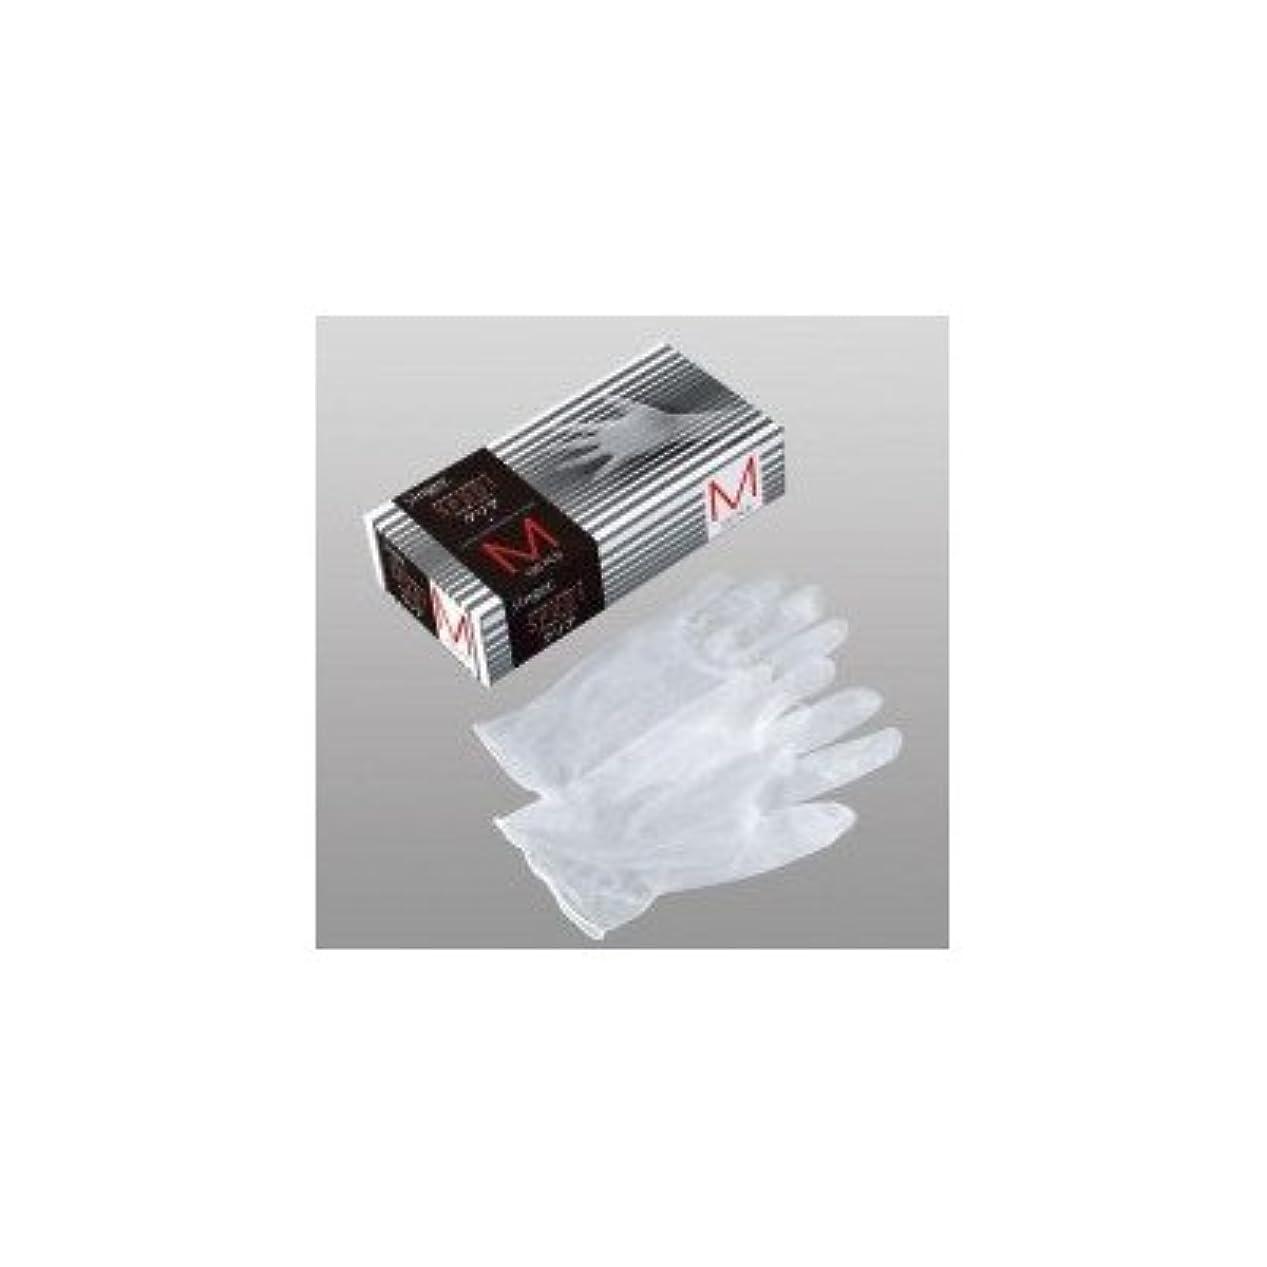 海外で約束する栄光シンガープラスチックグローブ(手袋) SP201 パウダーフリー クリアー(100枚) S( 画像はイメージ画像です お届けの商品はSのみとなります)